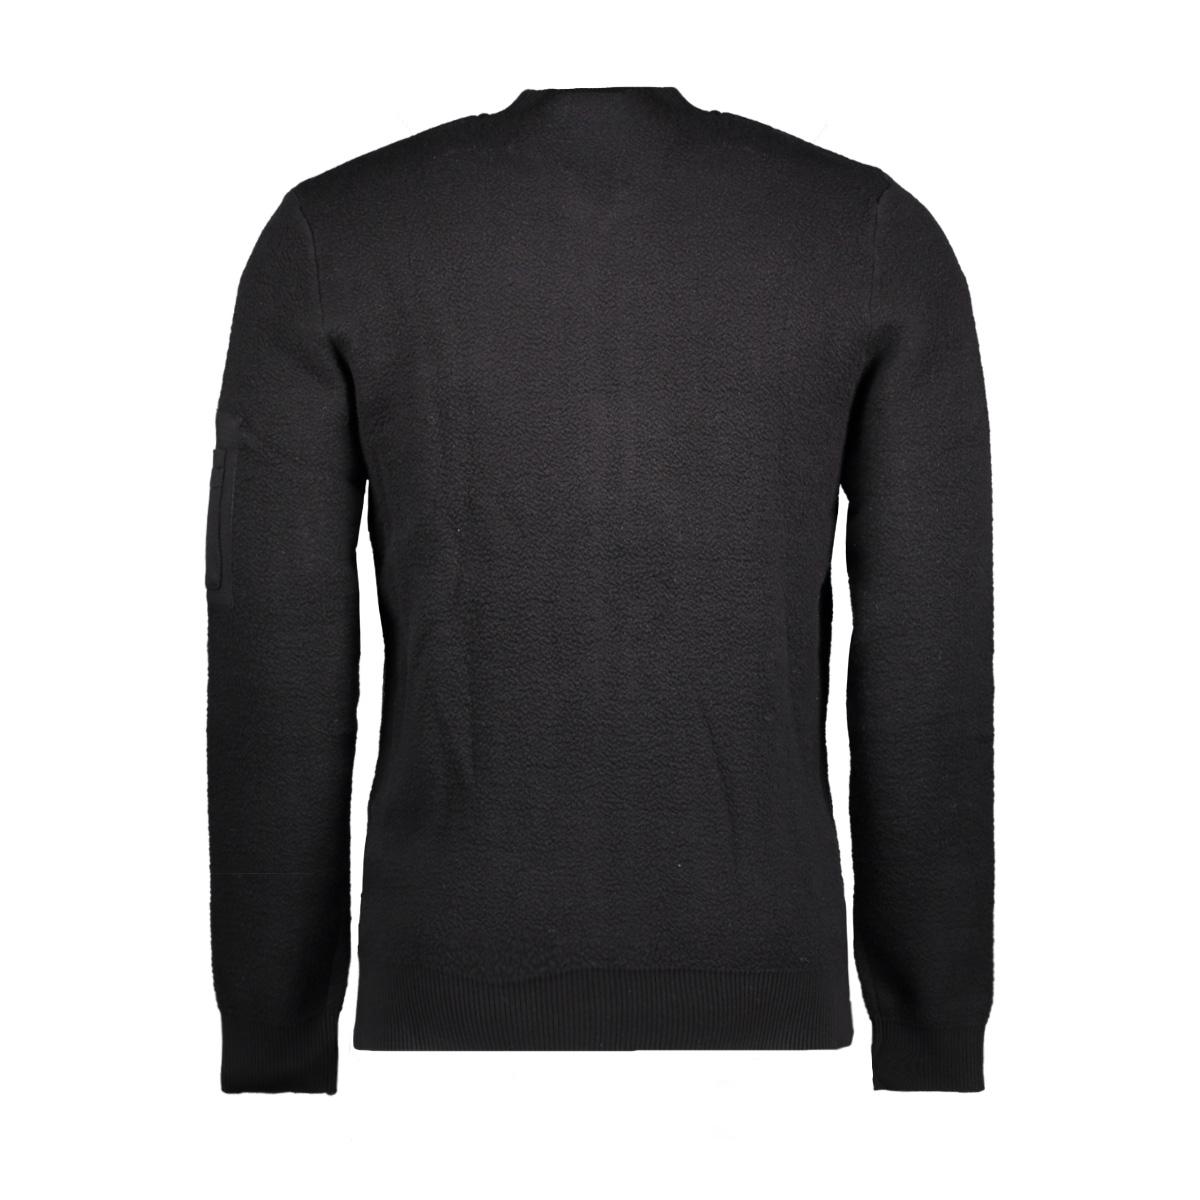 h71246 garcia vest 60 black